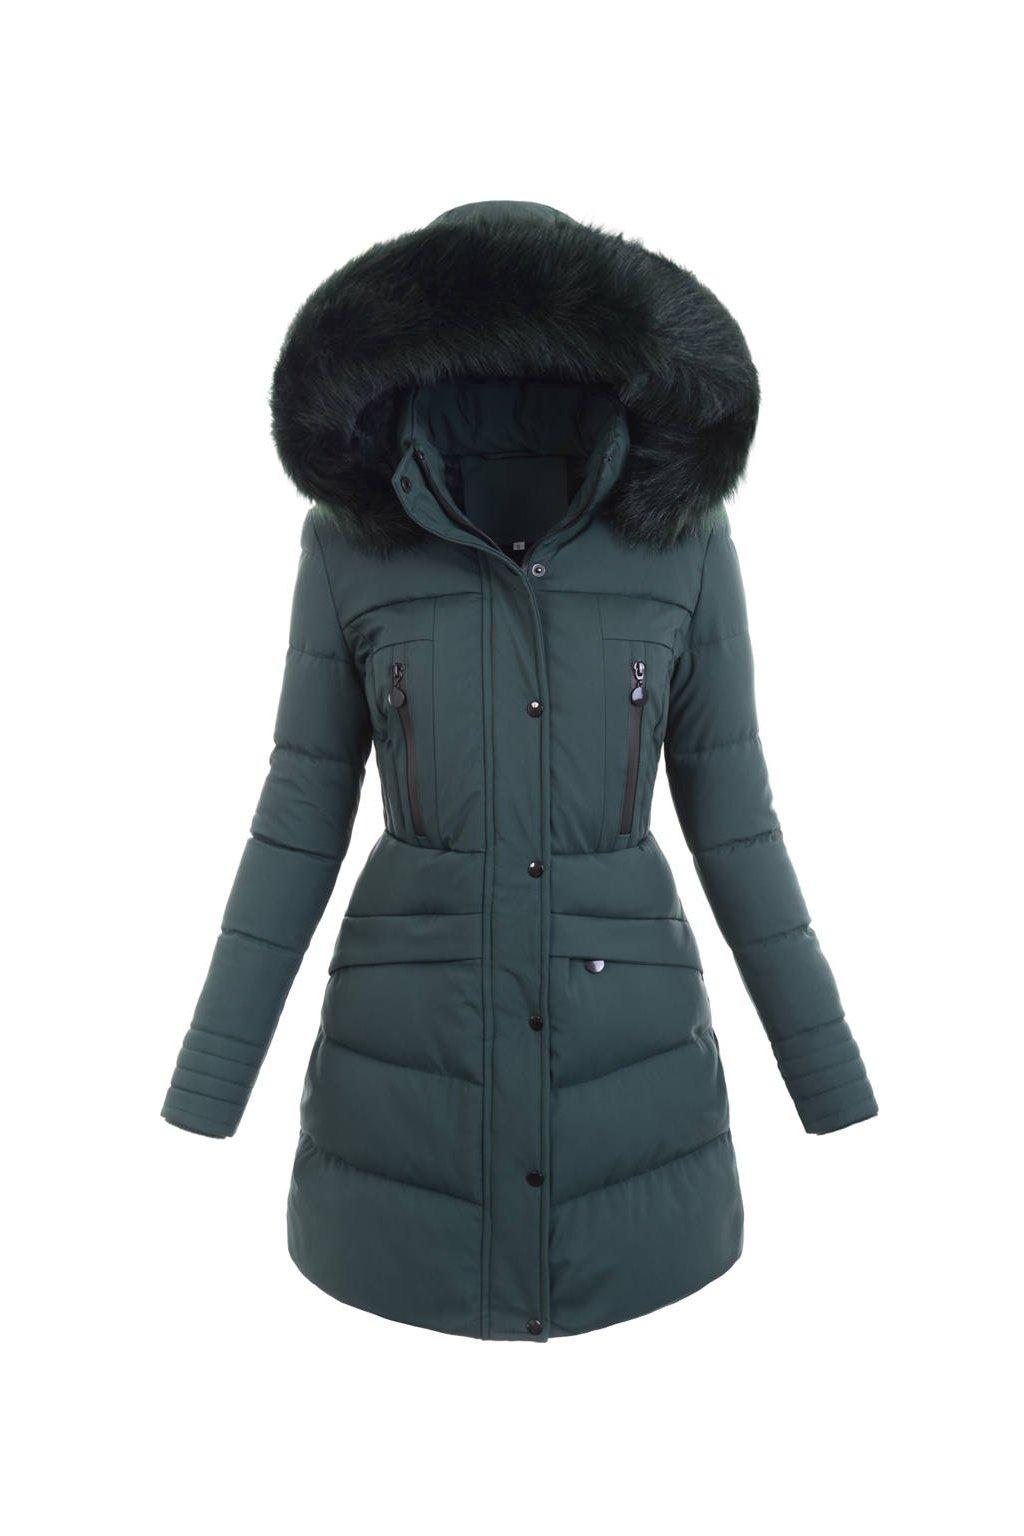 Dámska dlhá zimná bunda s kapucňou 6358 zelená